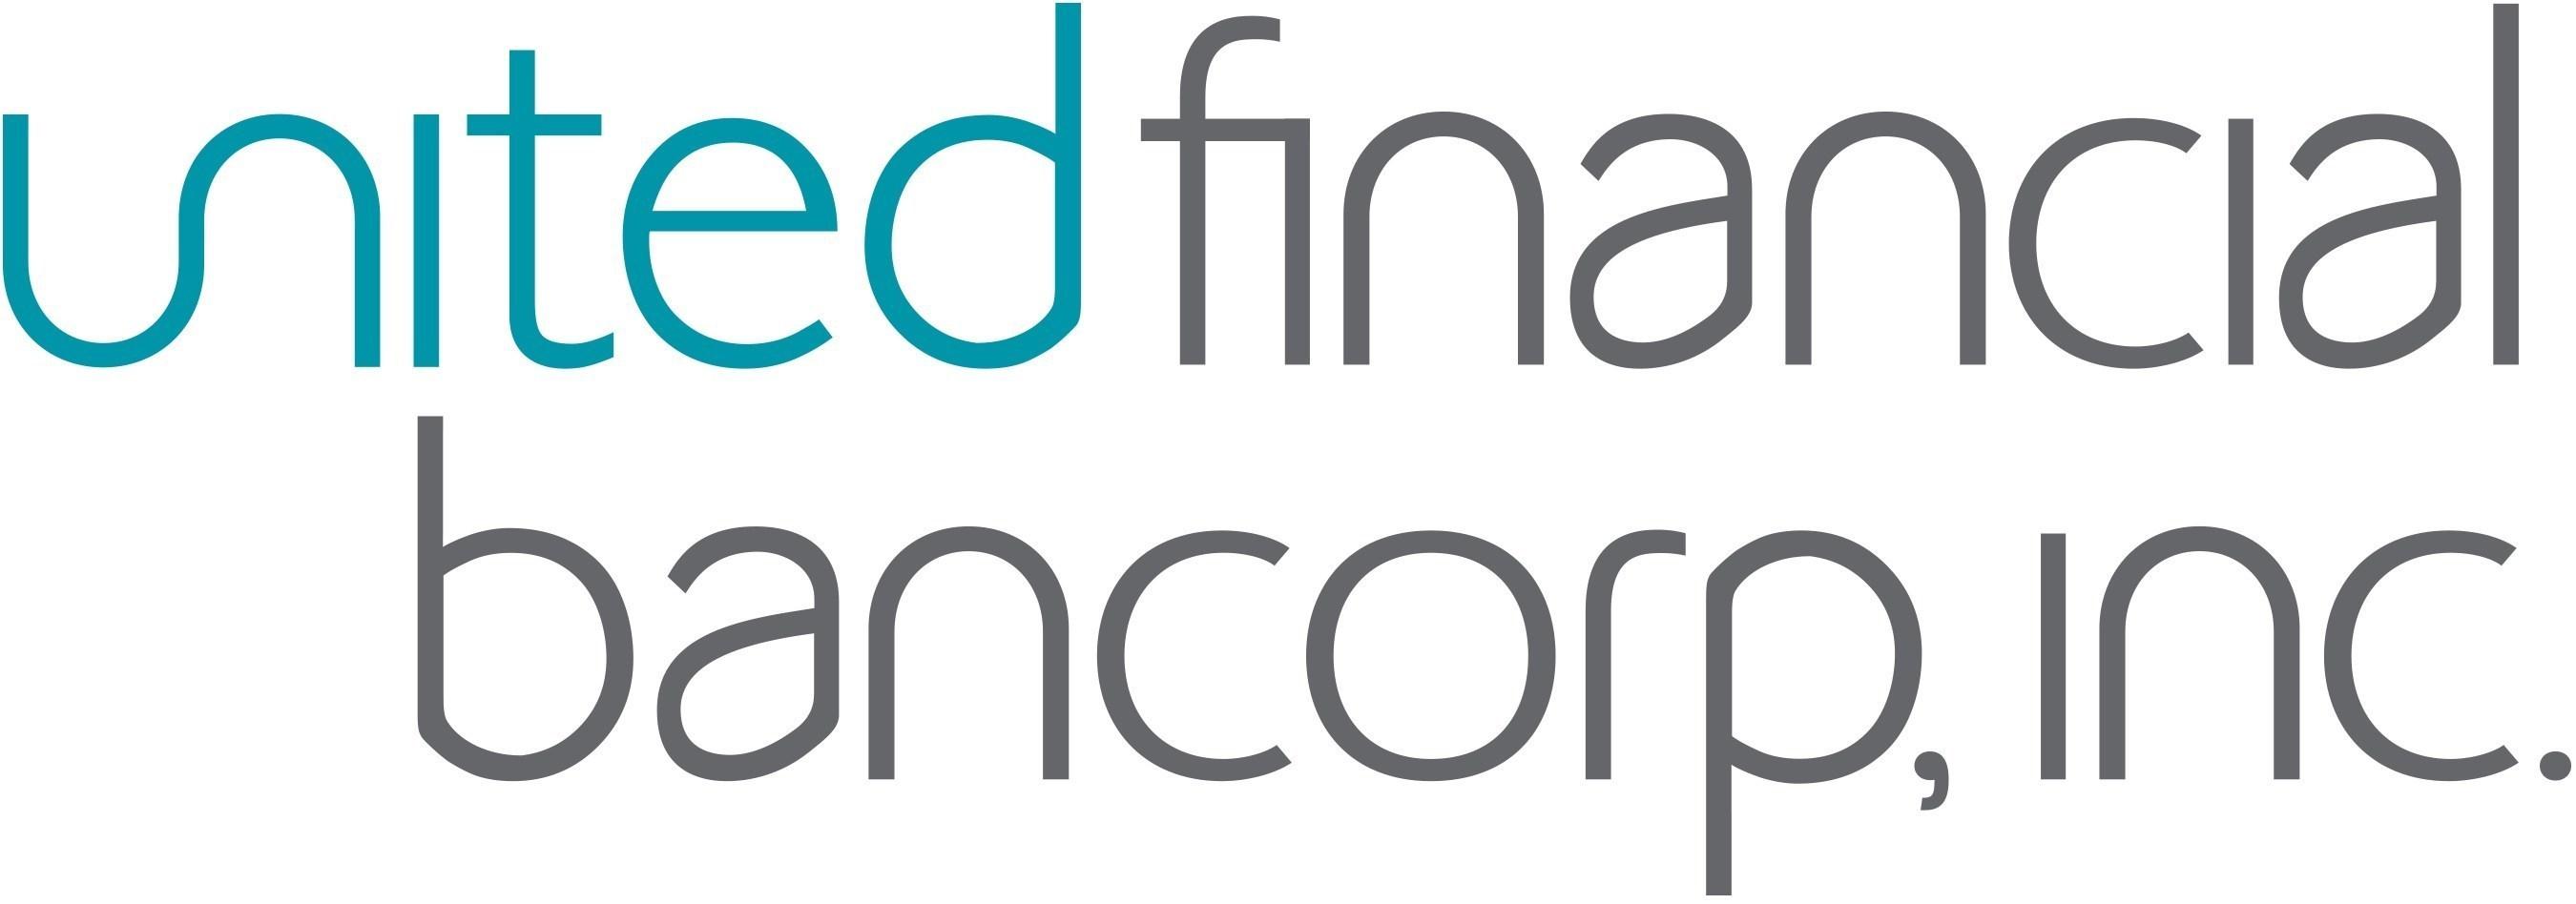 United Financial Bancorp, Inc. (UBNK) logo (PRNewsFoto/United Financial Bancorp, Inc.)